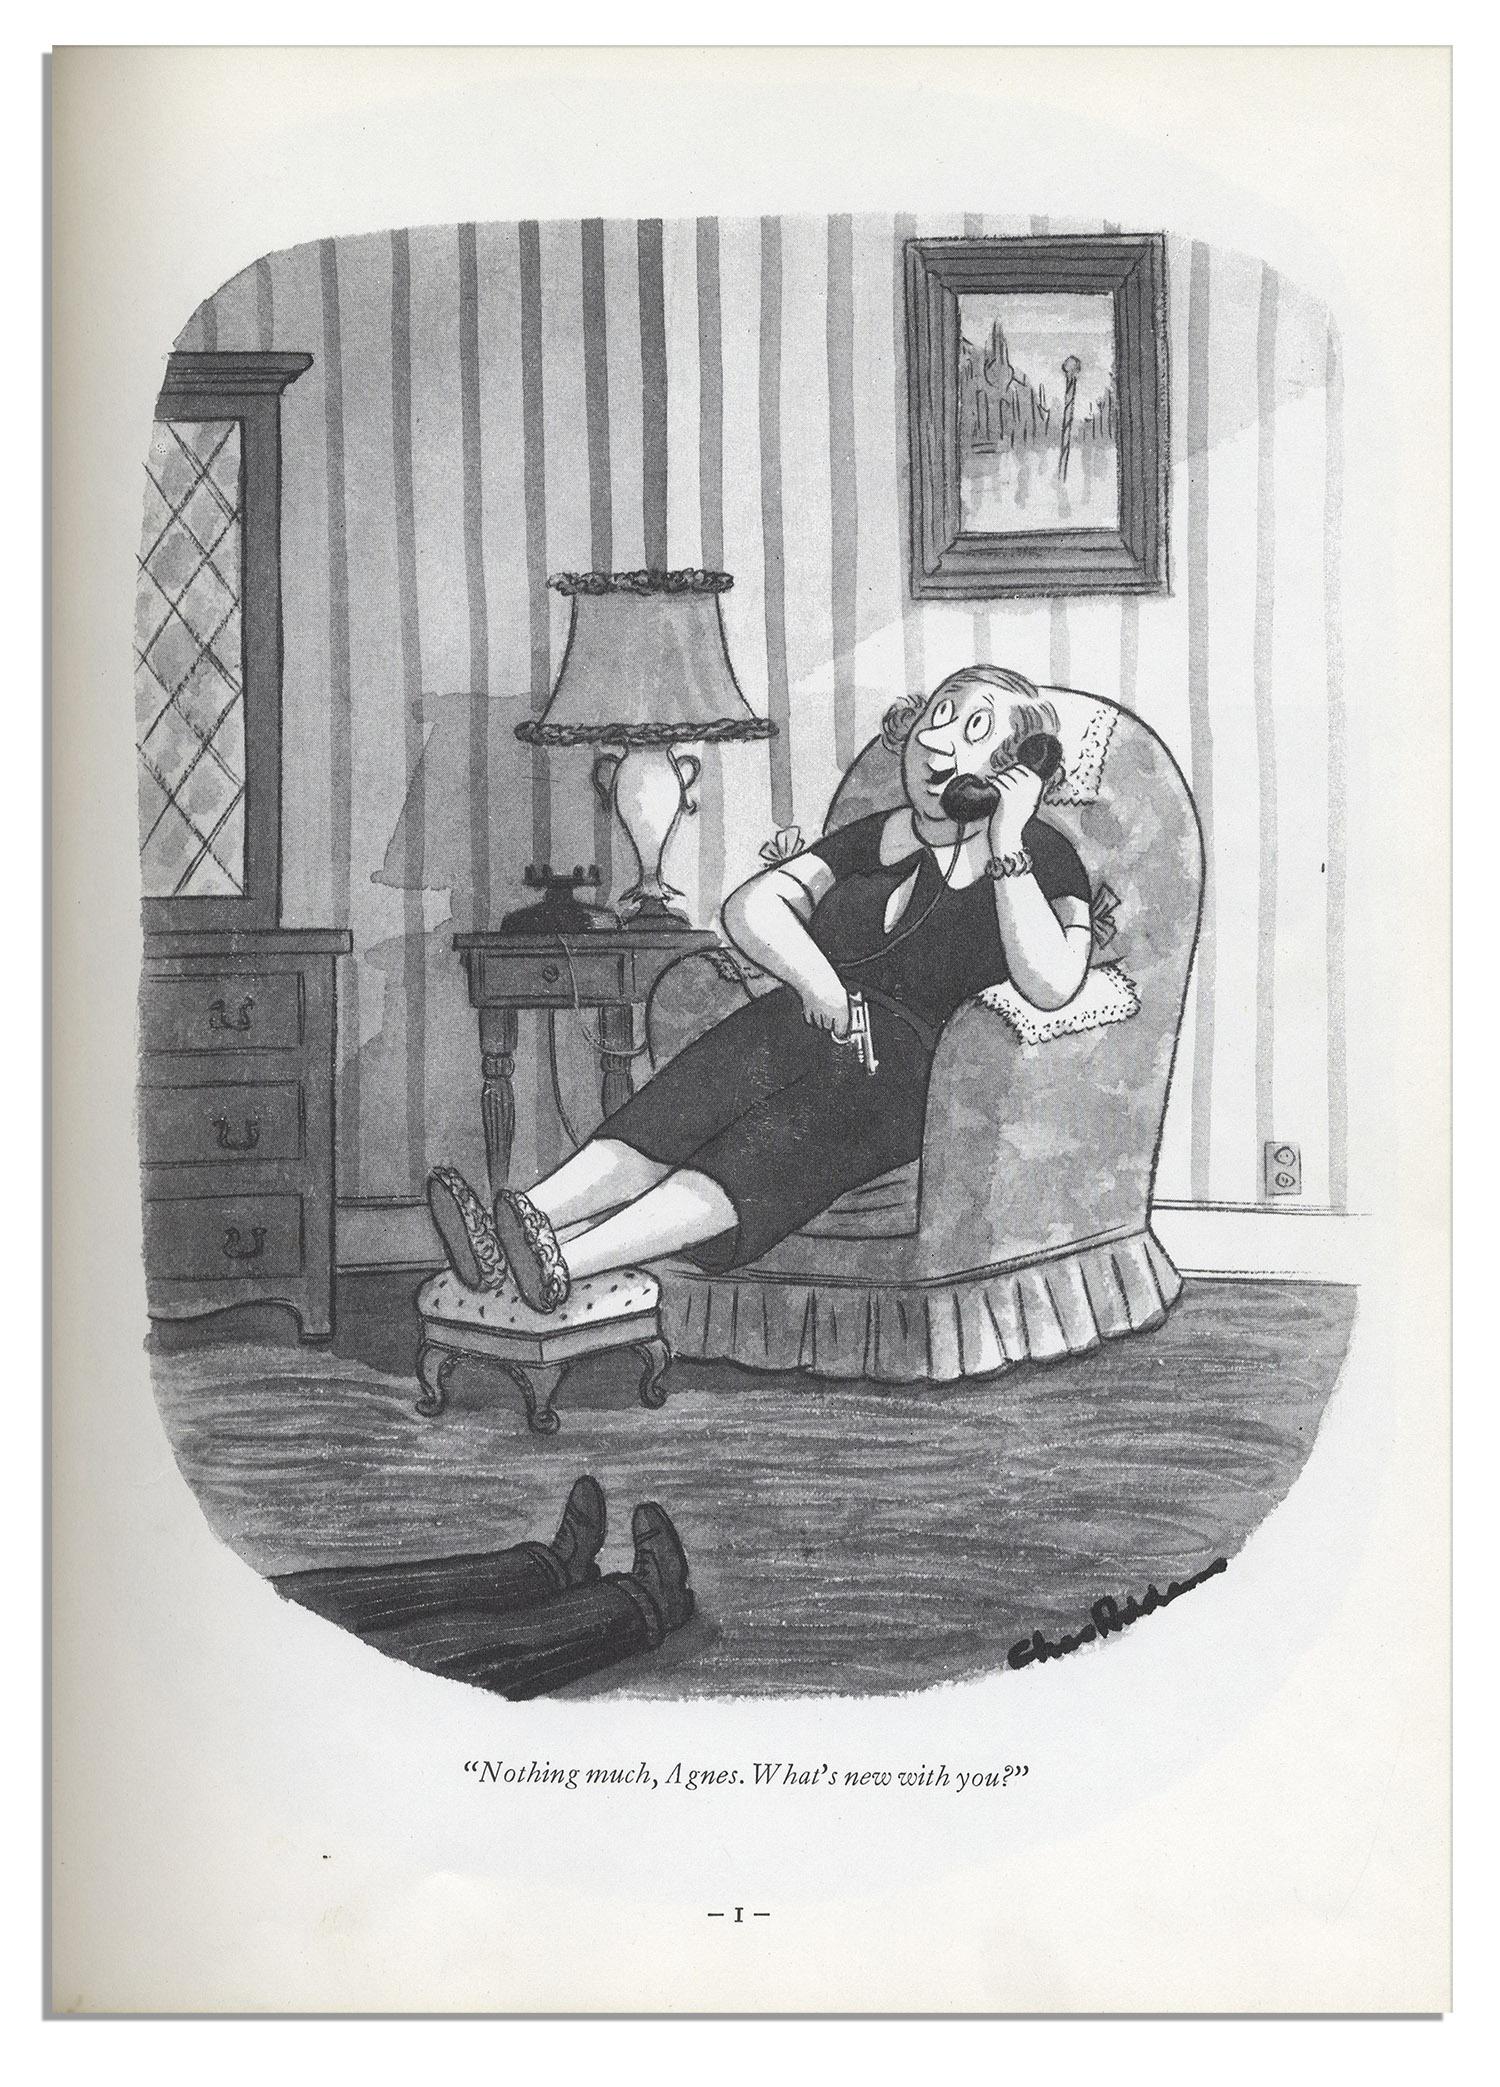 Charles Addams Drawings Rare Charles Addams Hand